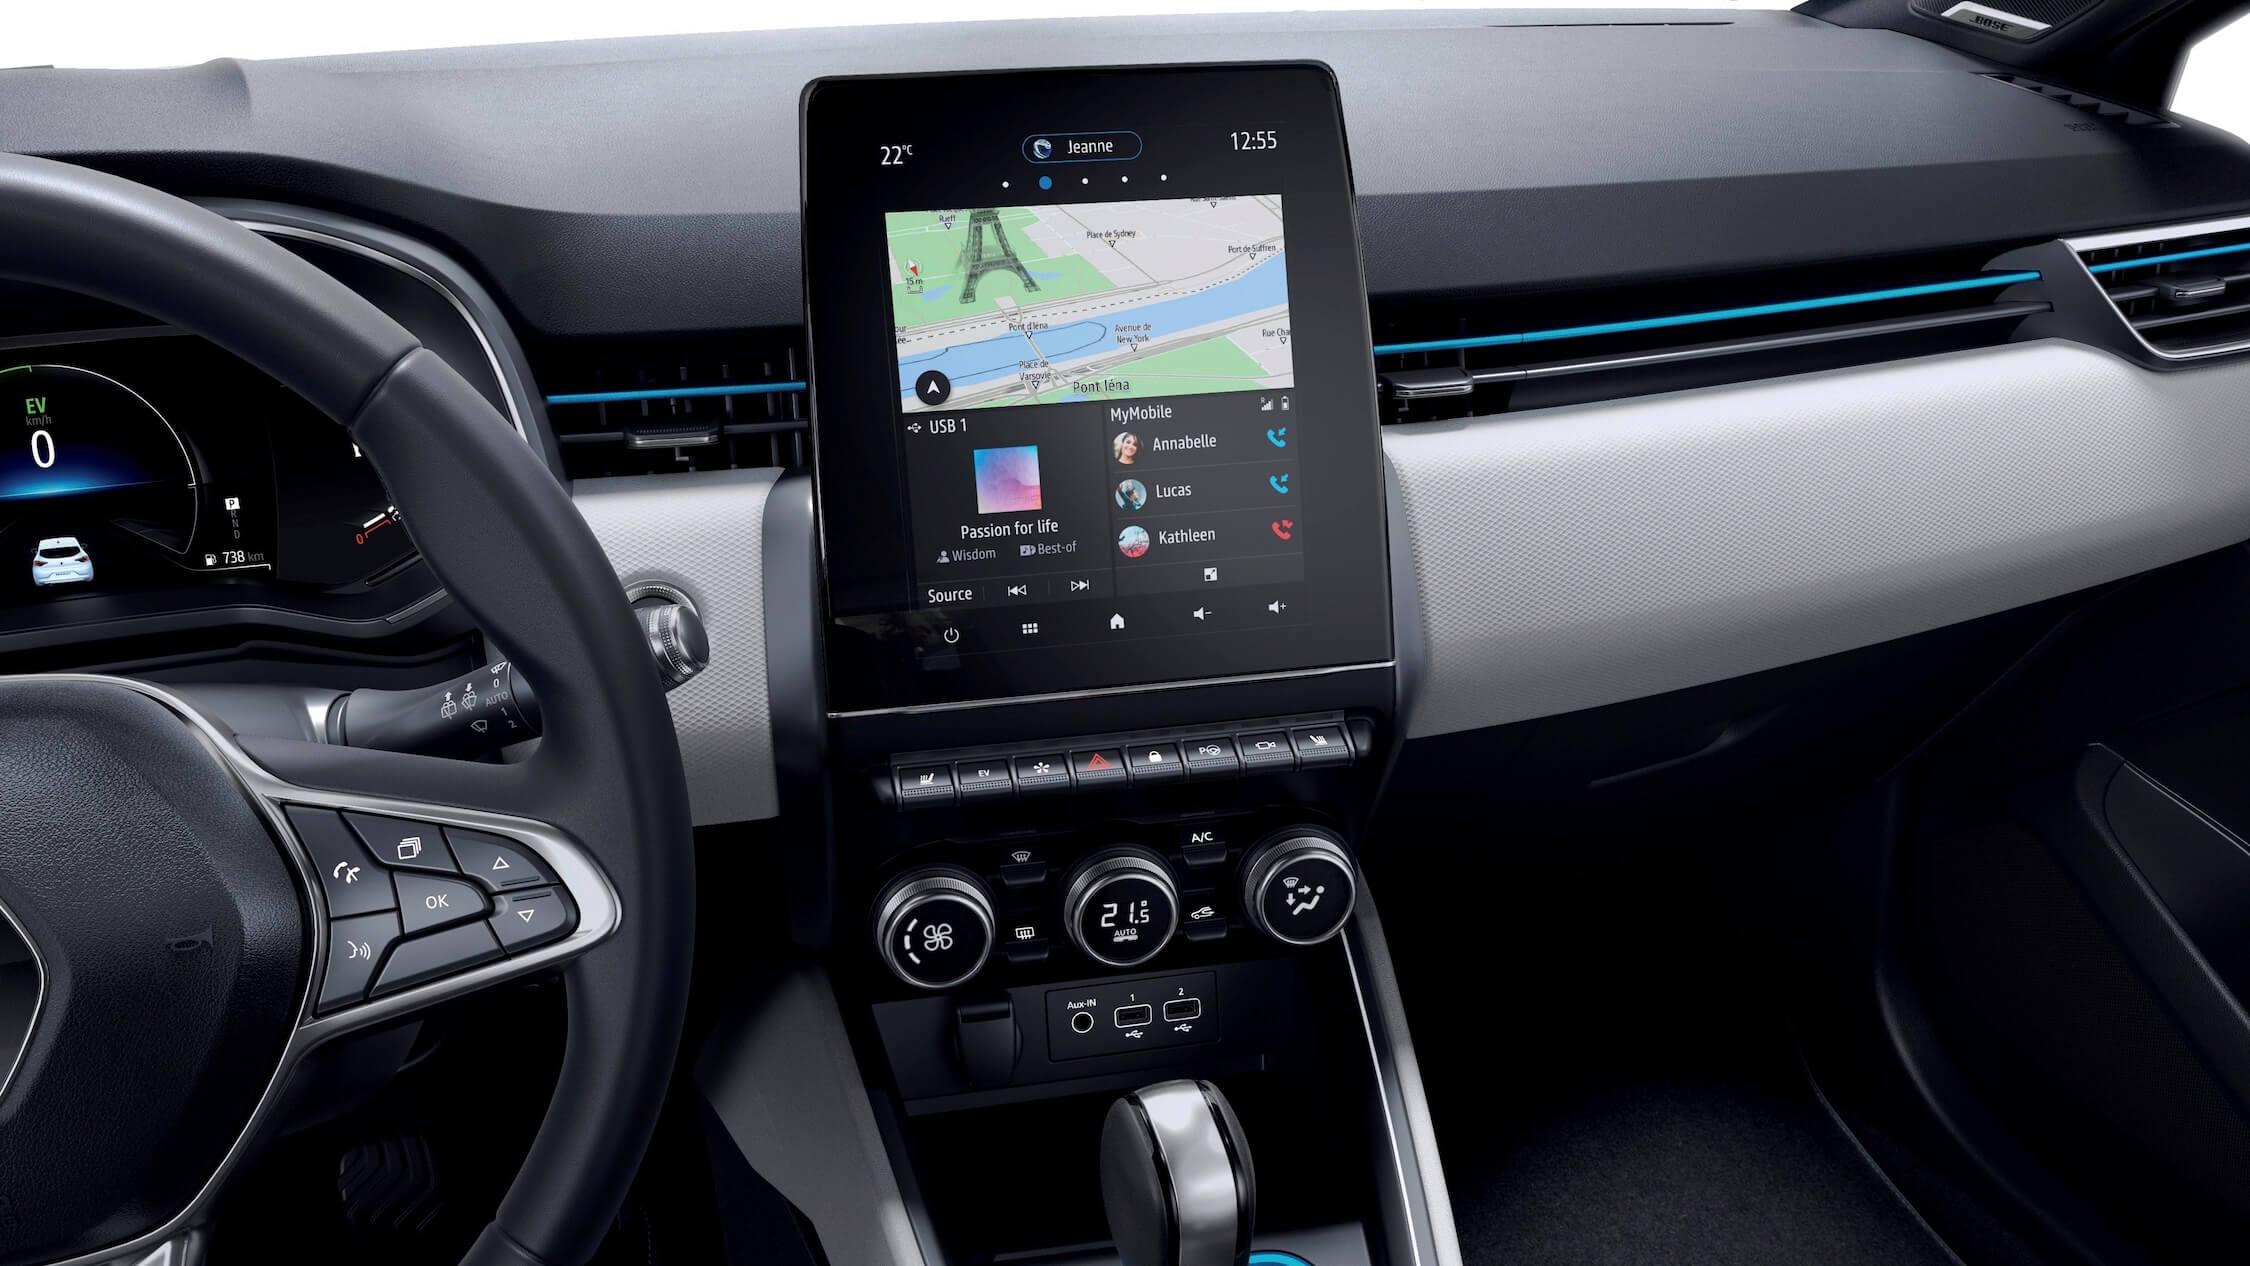 Hybride Renault Clio middenscherm op dashboard